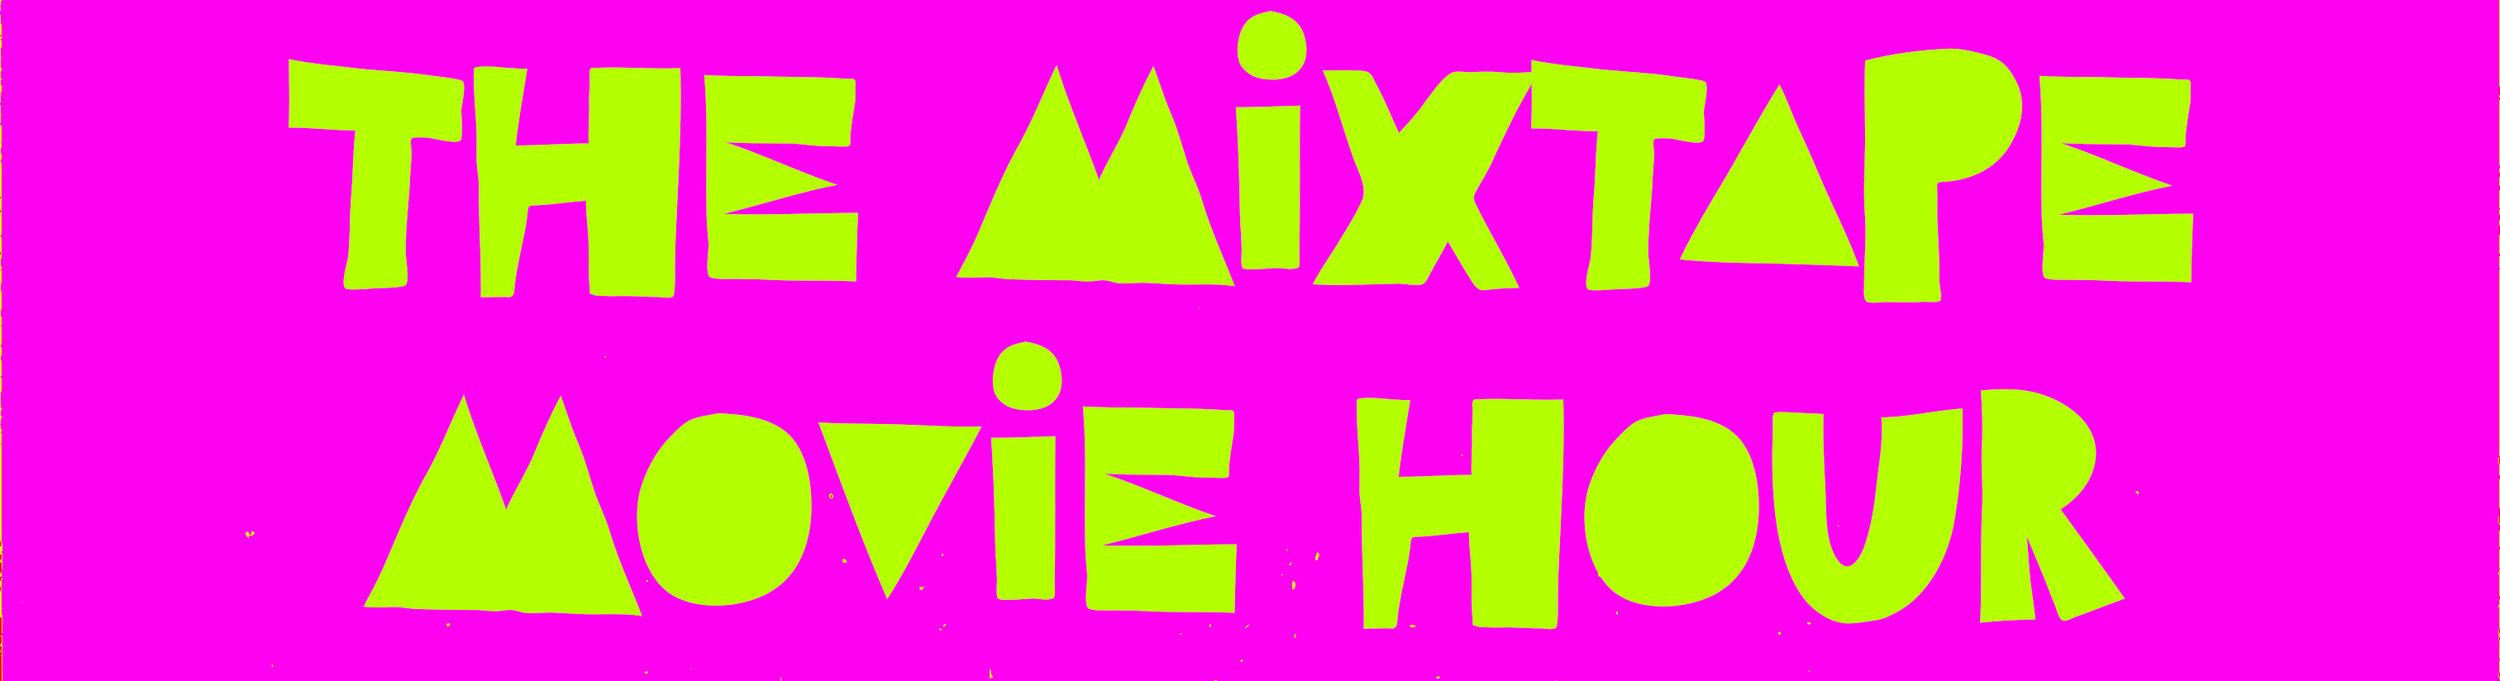 mixtape logo.jpg